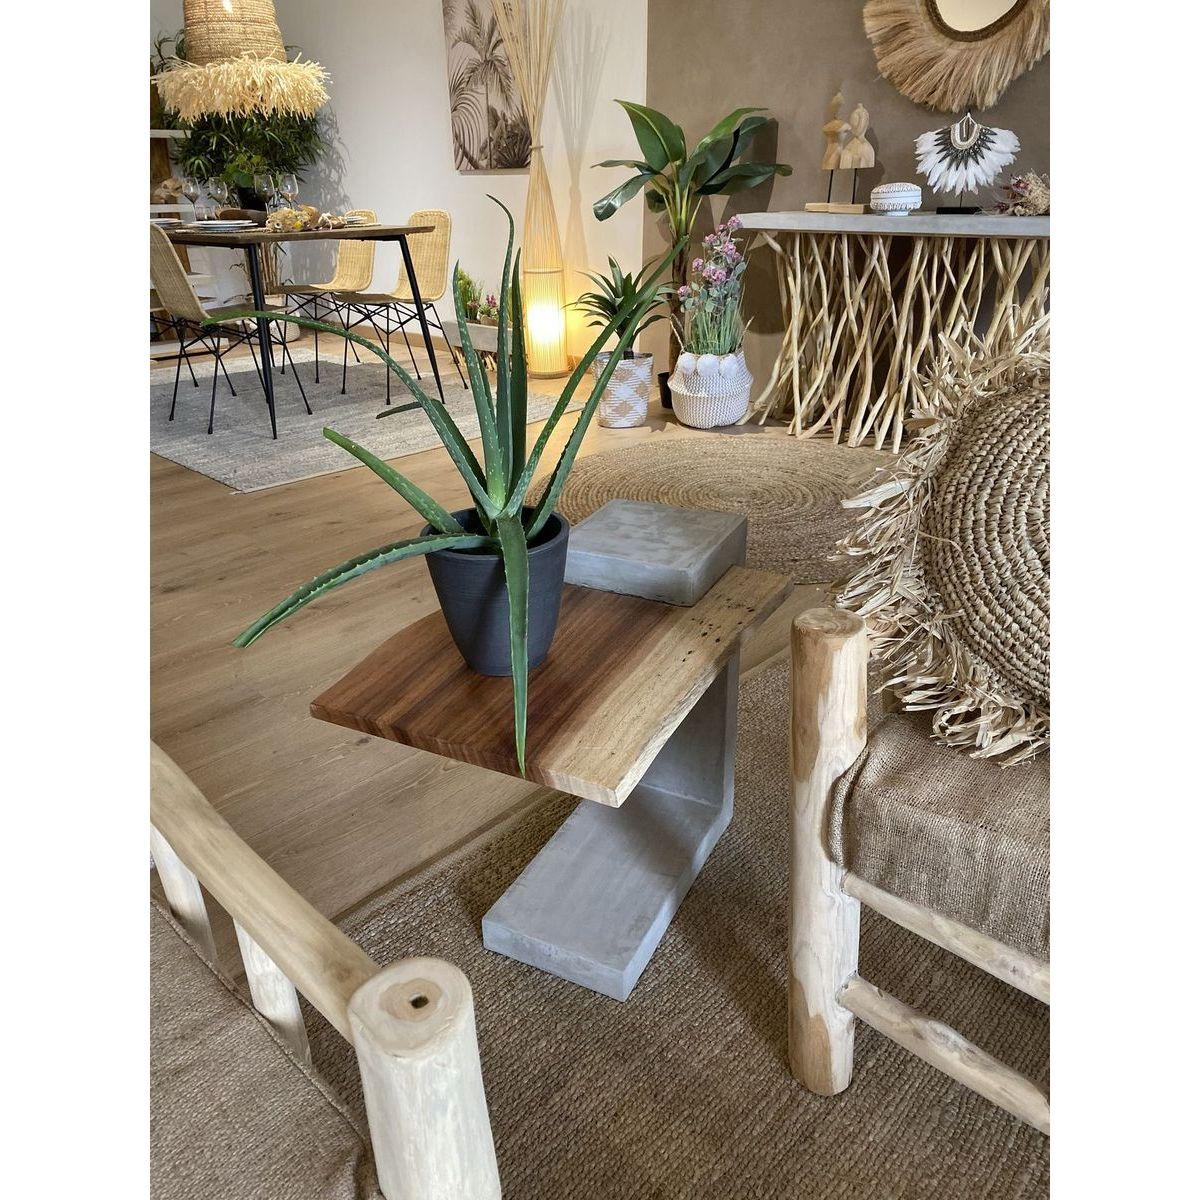 Bout de canapé en béton avec plateau en bois de teck